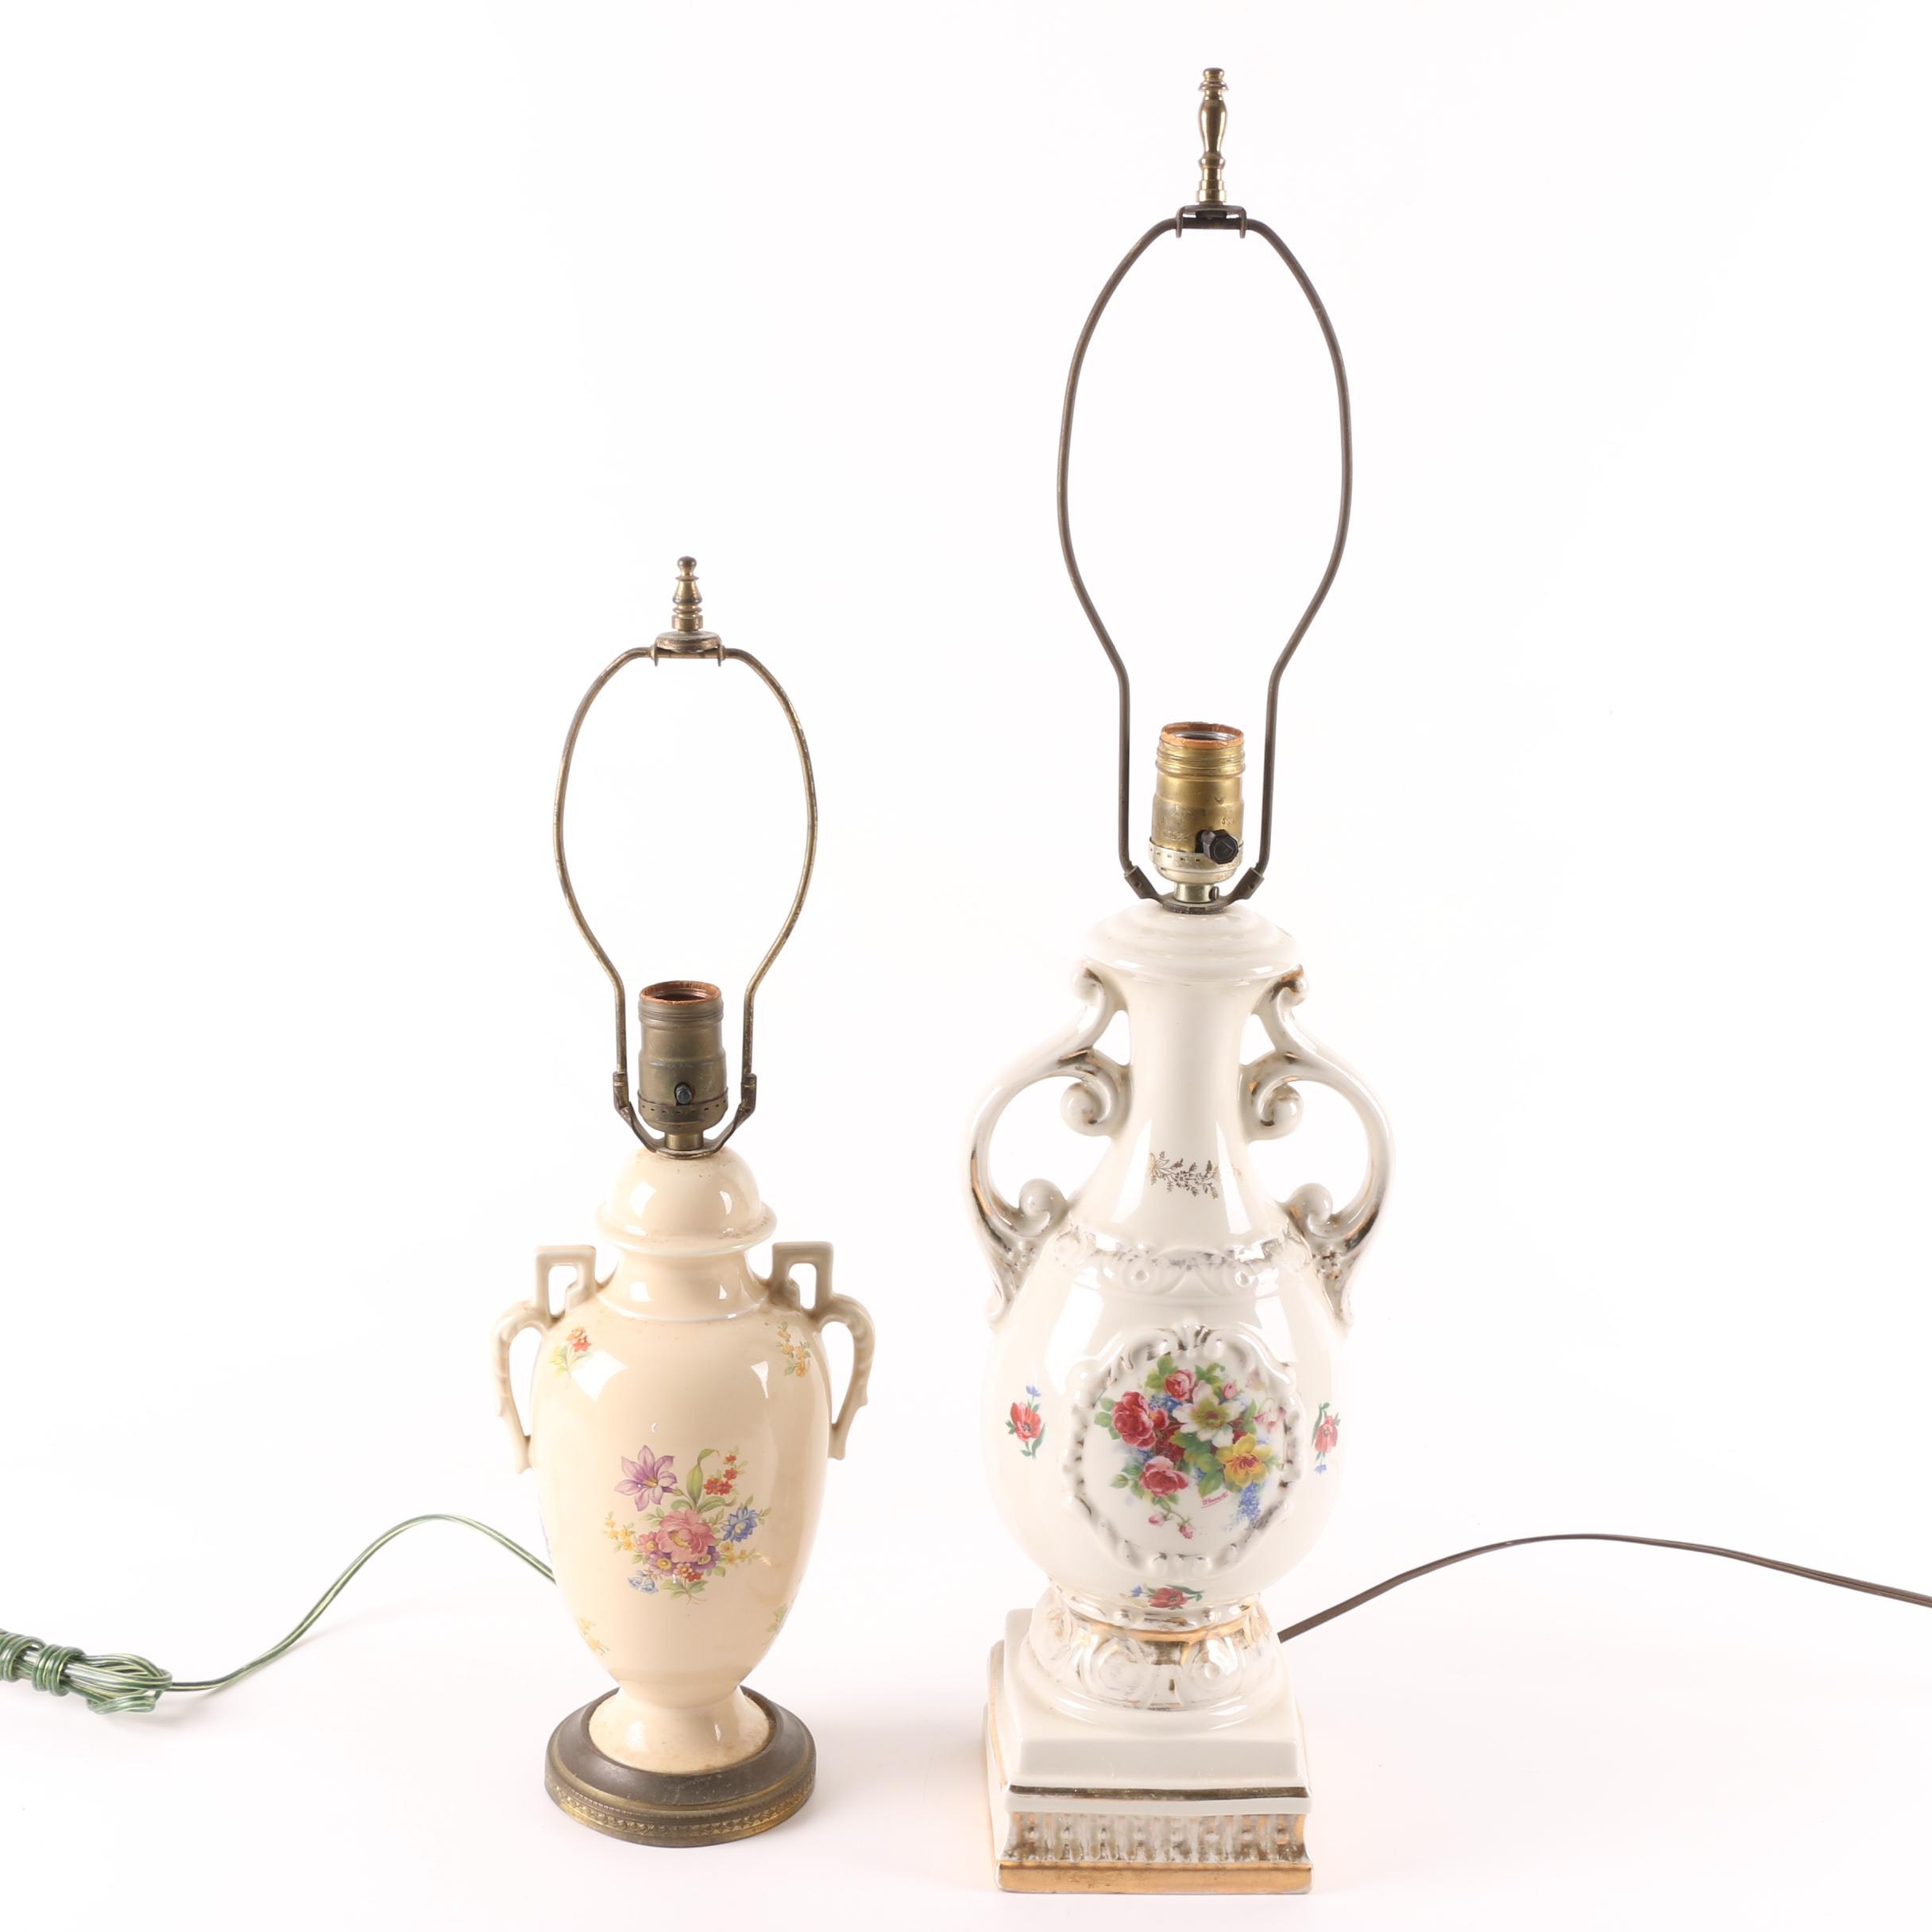 Vintage Floral Ceramic Urn Table Lamps